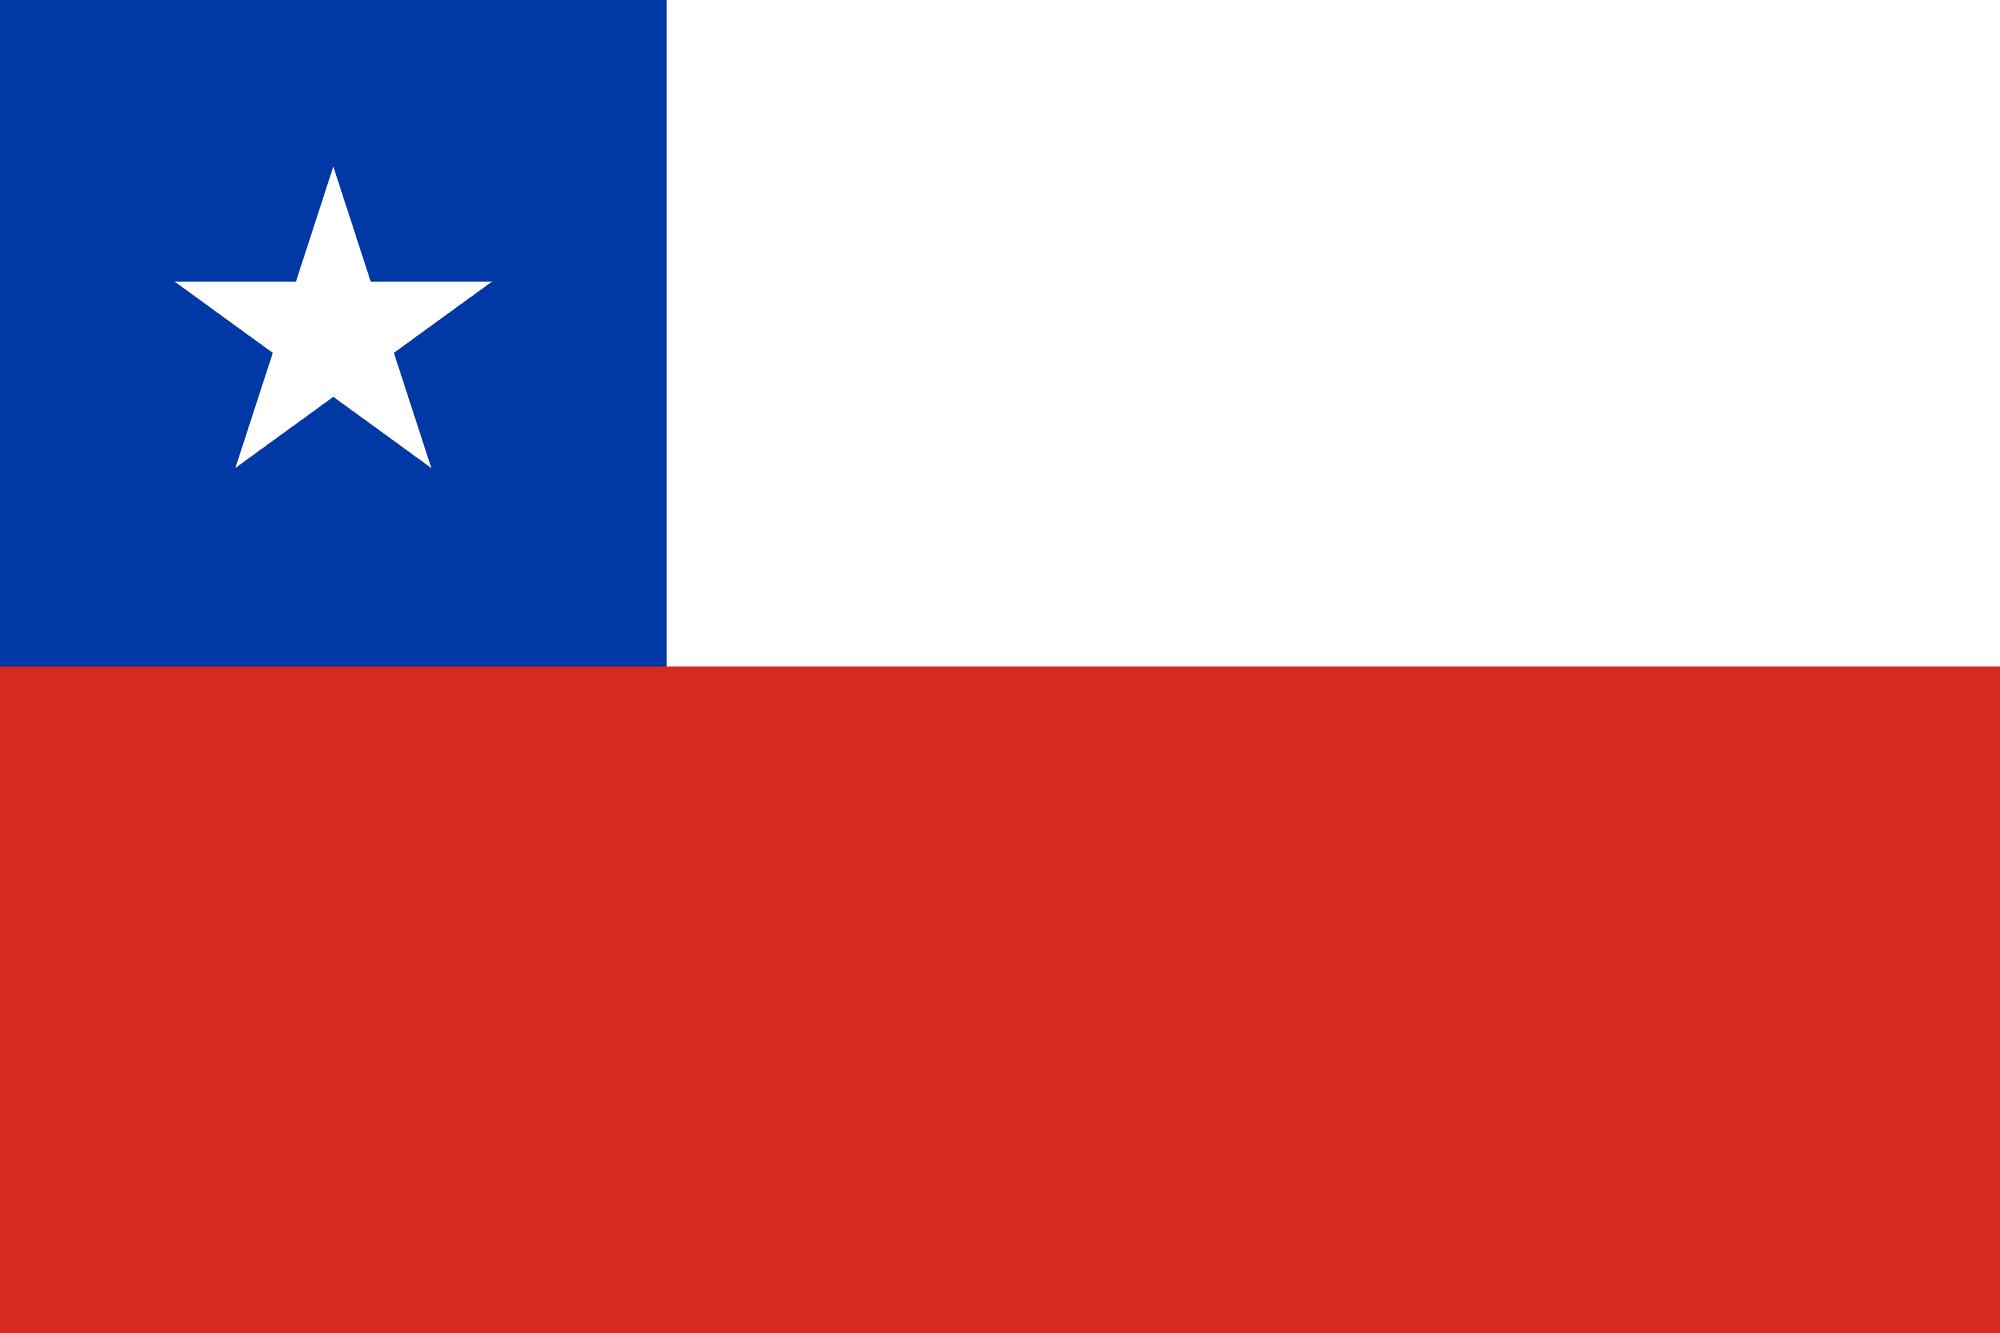 Bandera del Chile